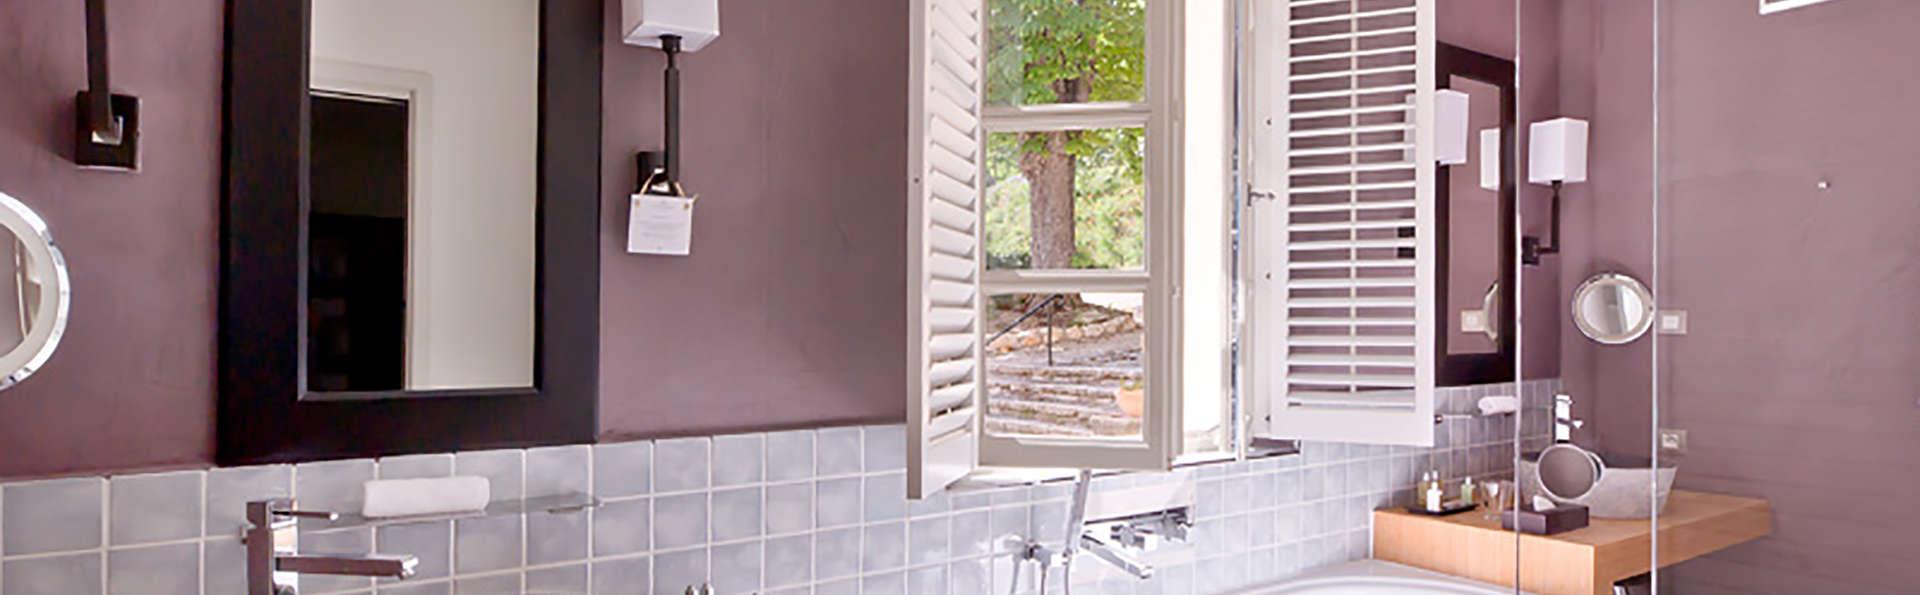 Le Couvent des Minimes Hôtel & Spa L'Occitane - EDIT_NEW_BATHROOM.jpg